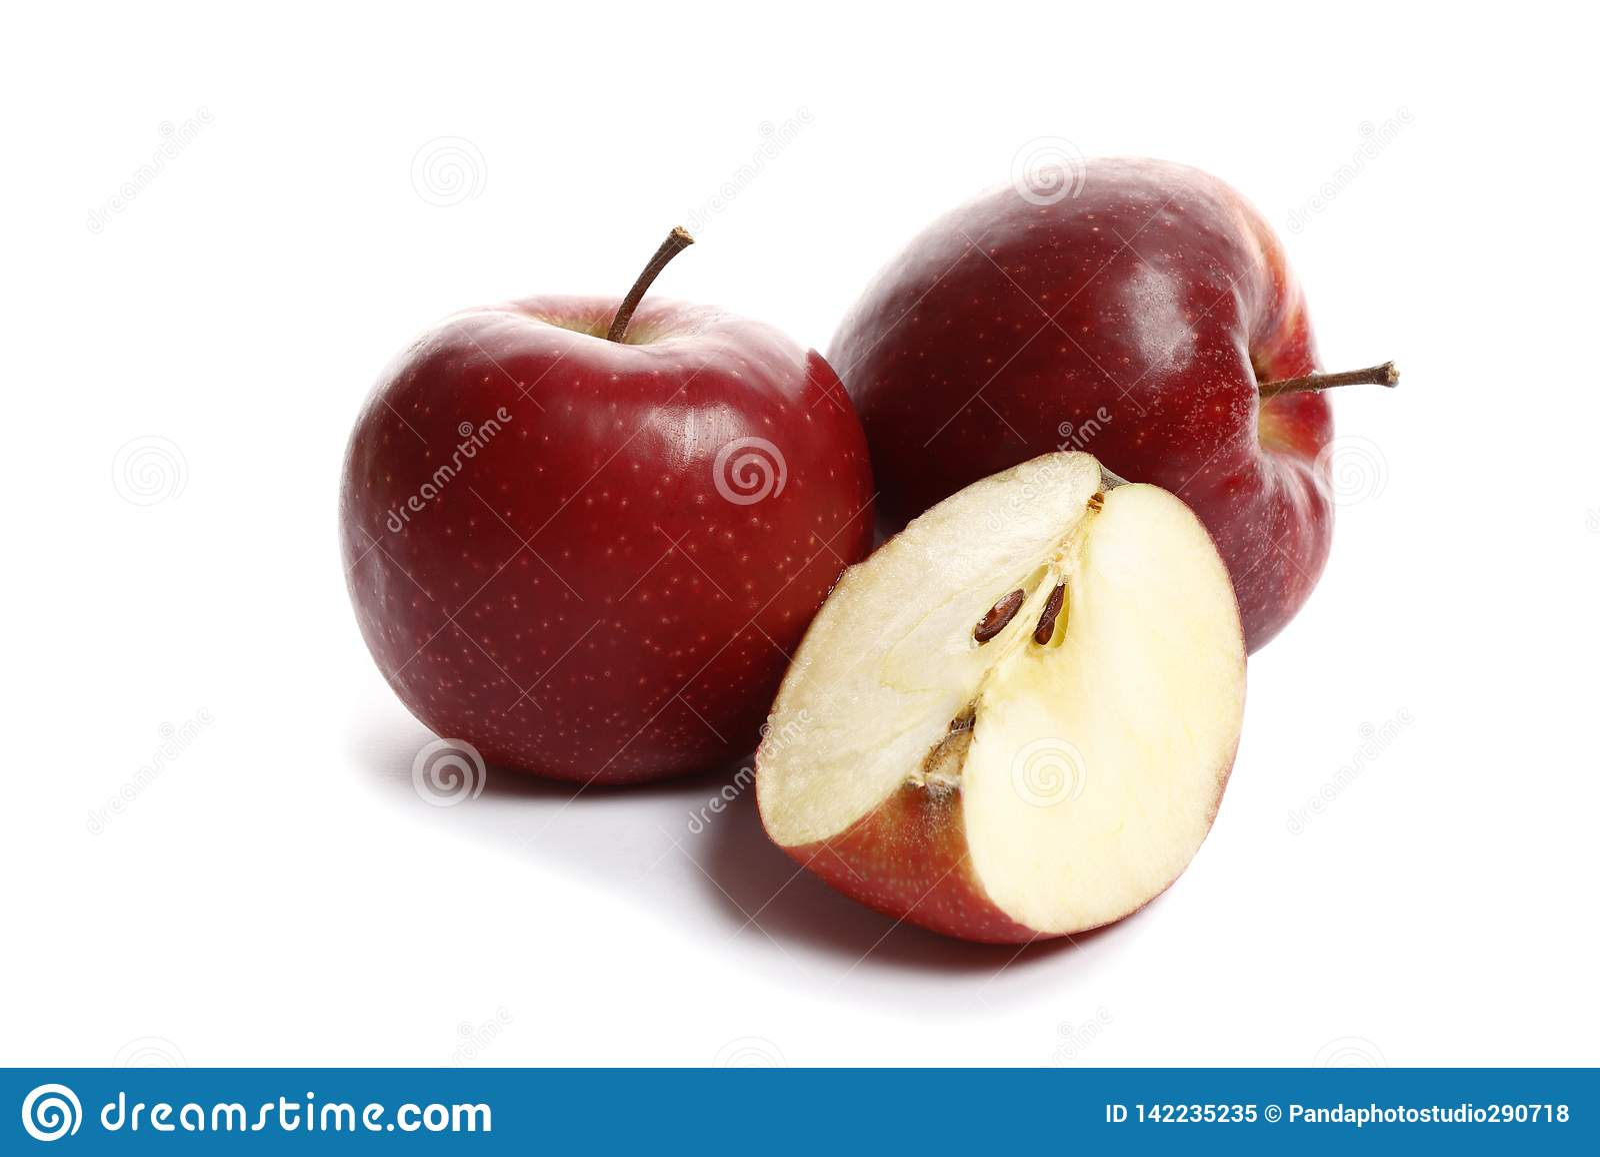 在白色背景的红色甜成熟苹果